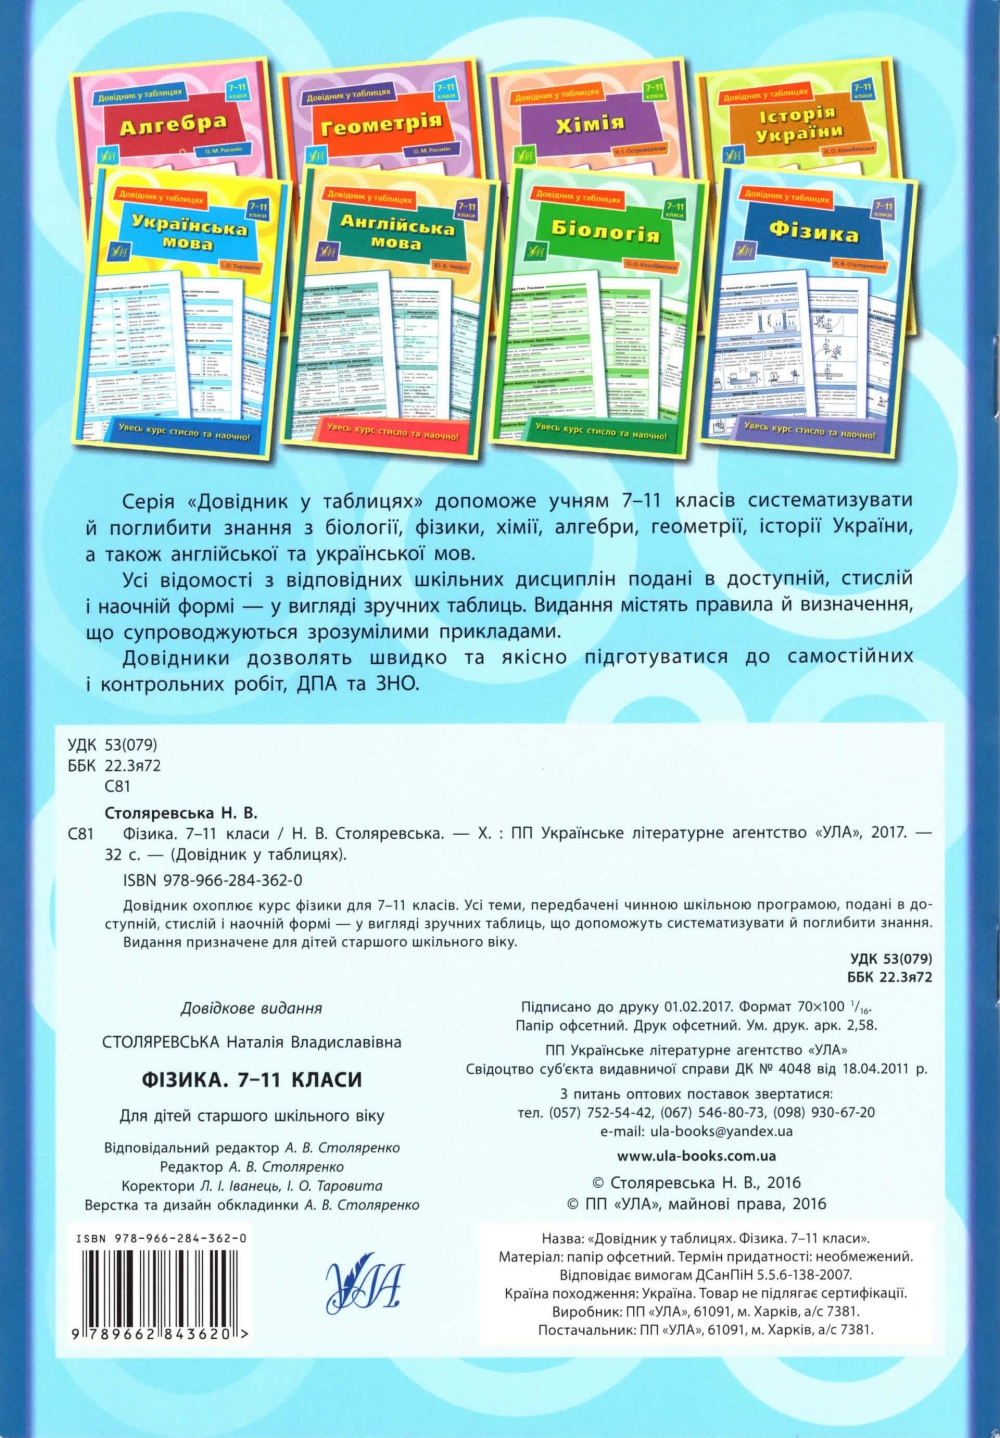 Фізика 7-11 класи. Серія «Довідник у таблицях» : Столяревська Н. УЛА. купити 7